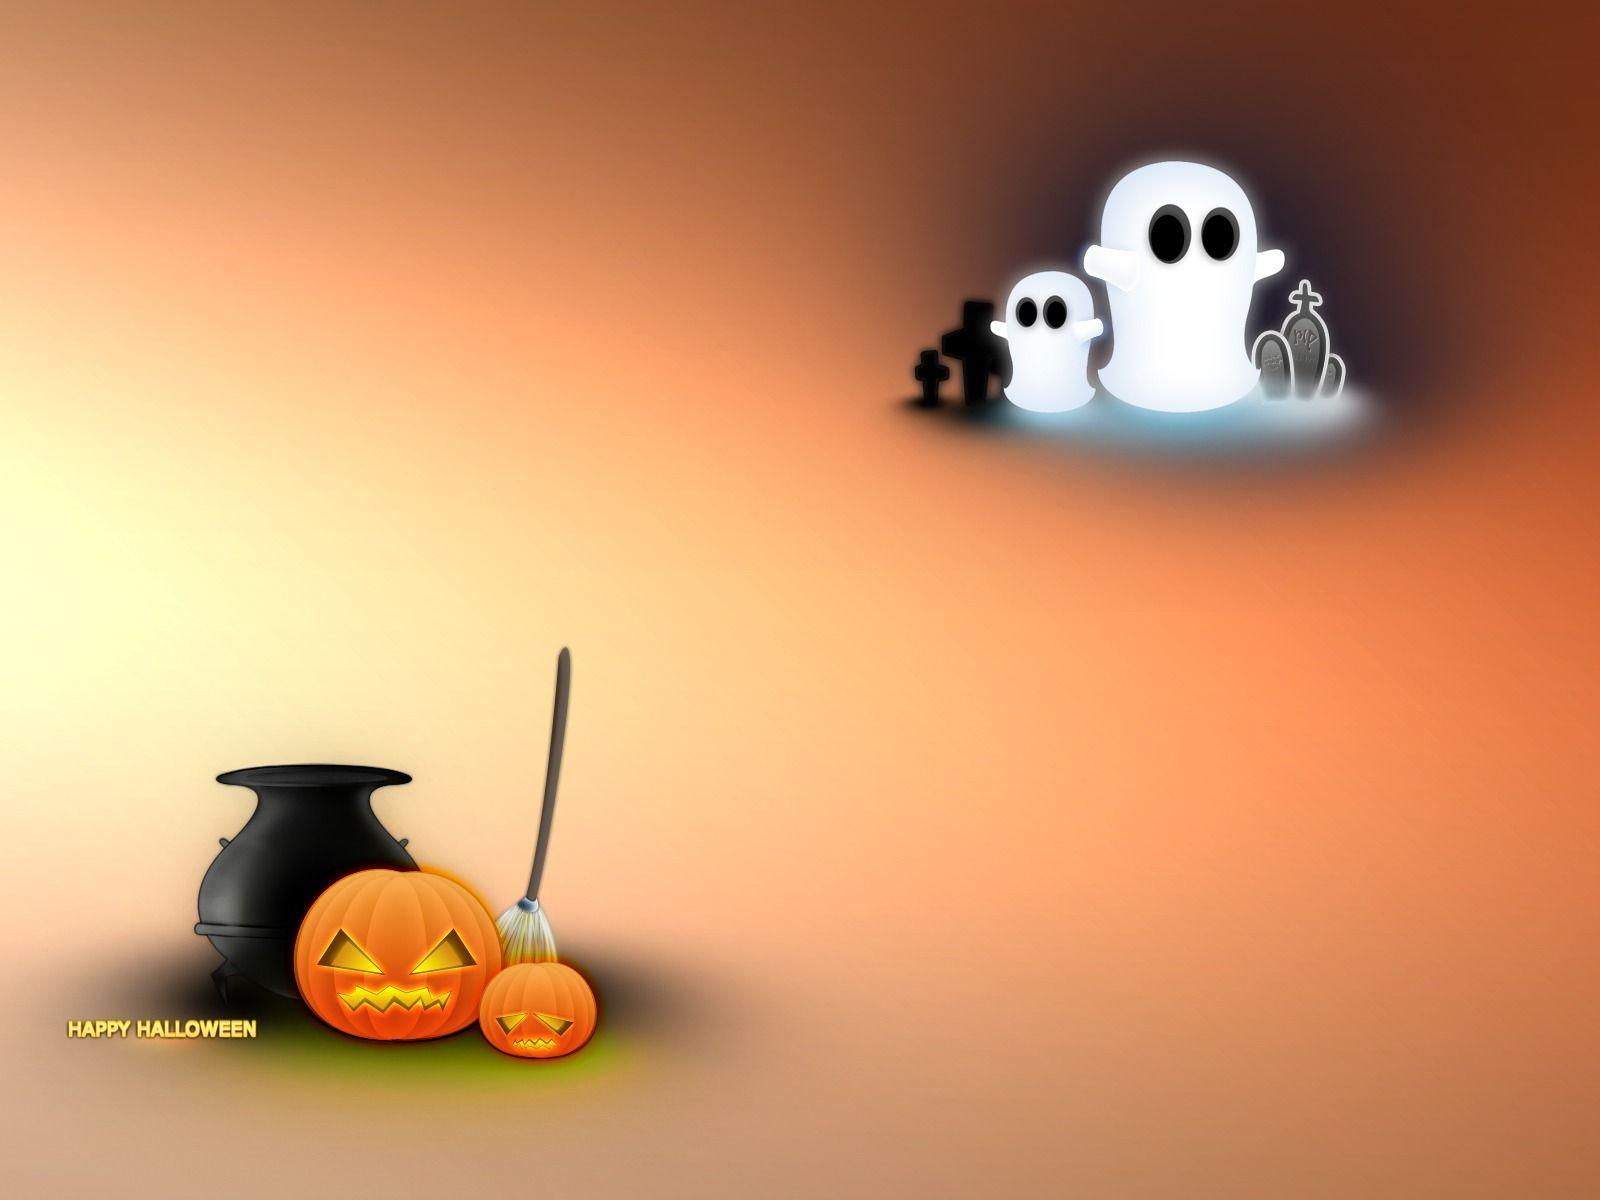 kids halloween wallpaper images | 999+ halloween pictures